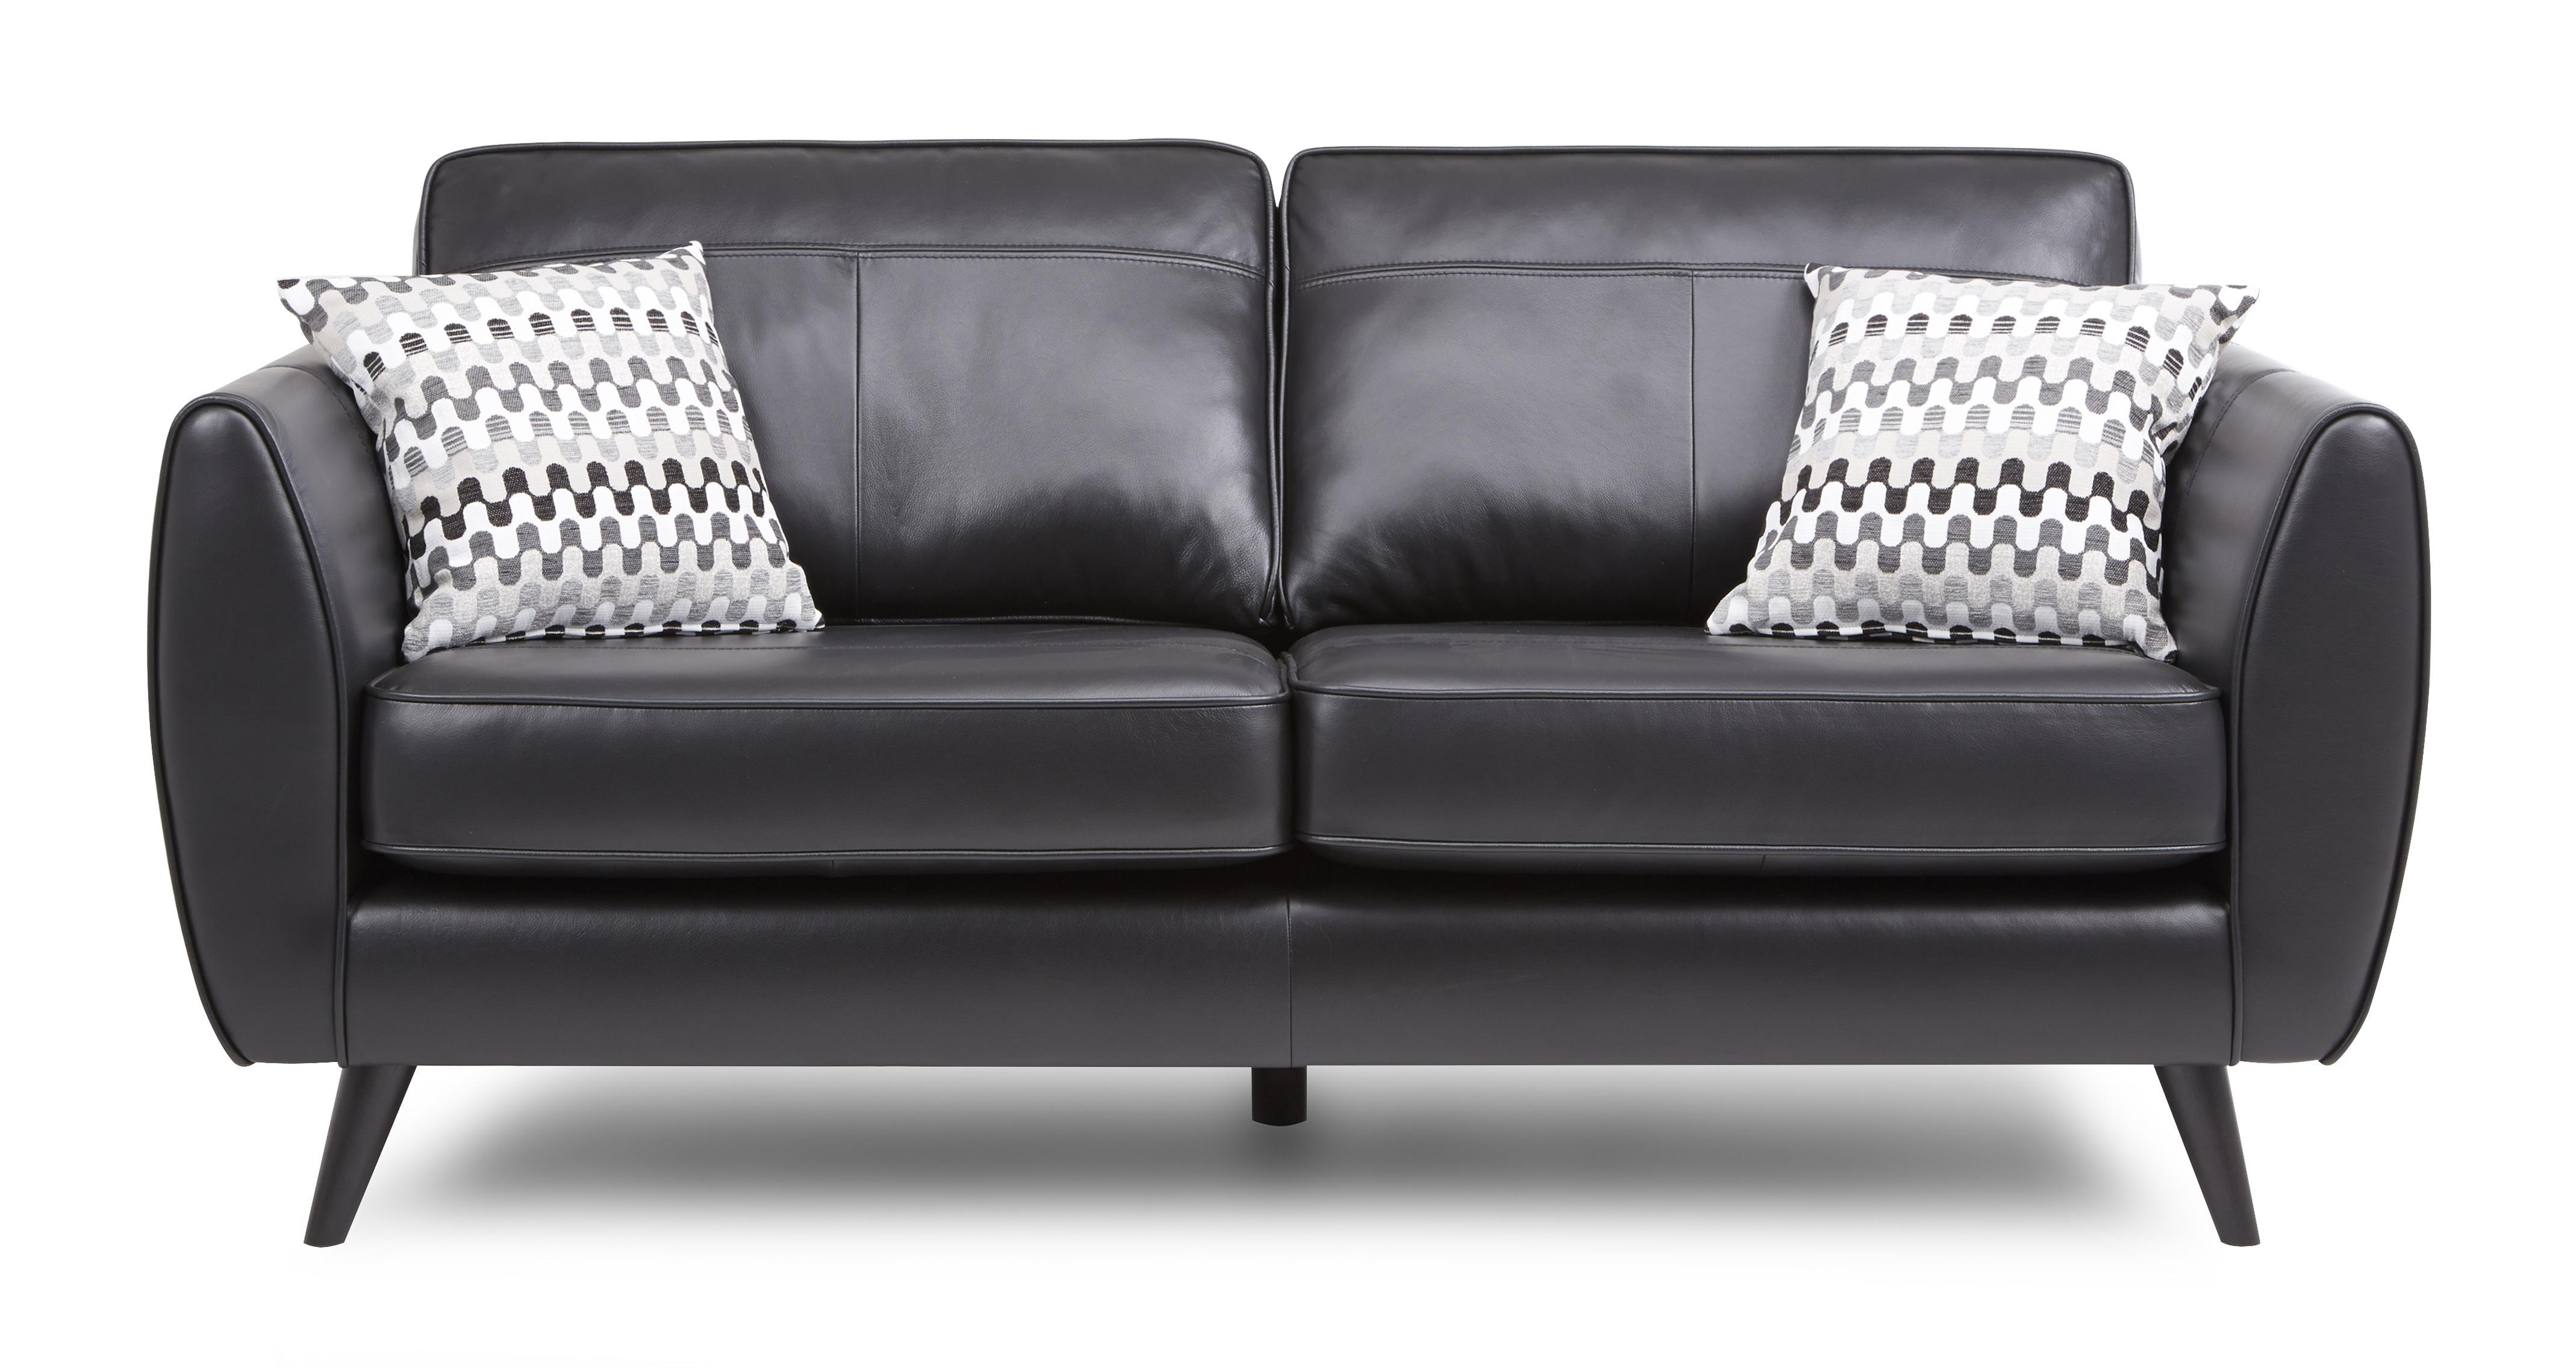 Dfs Leather Sofa Cleaning Kit Www Energywarden Net